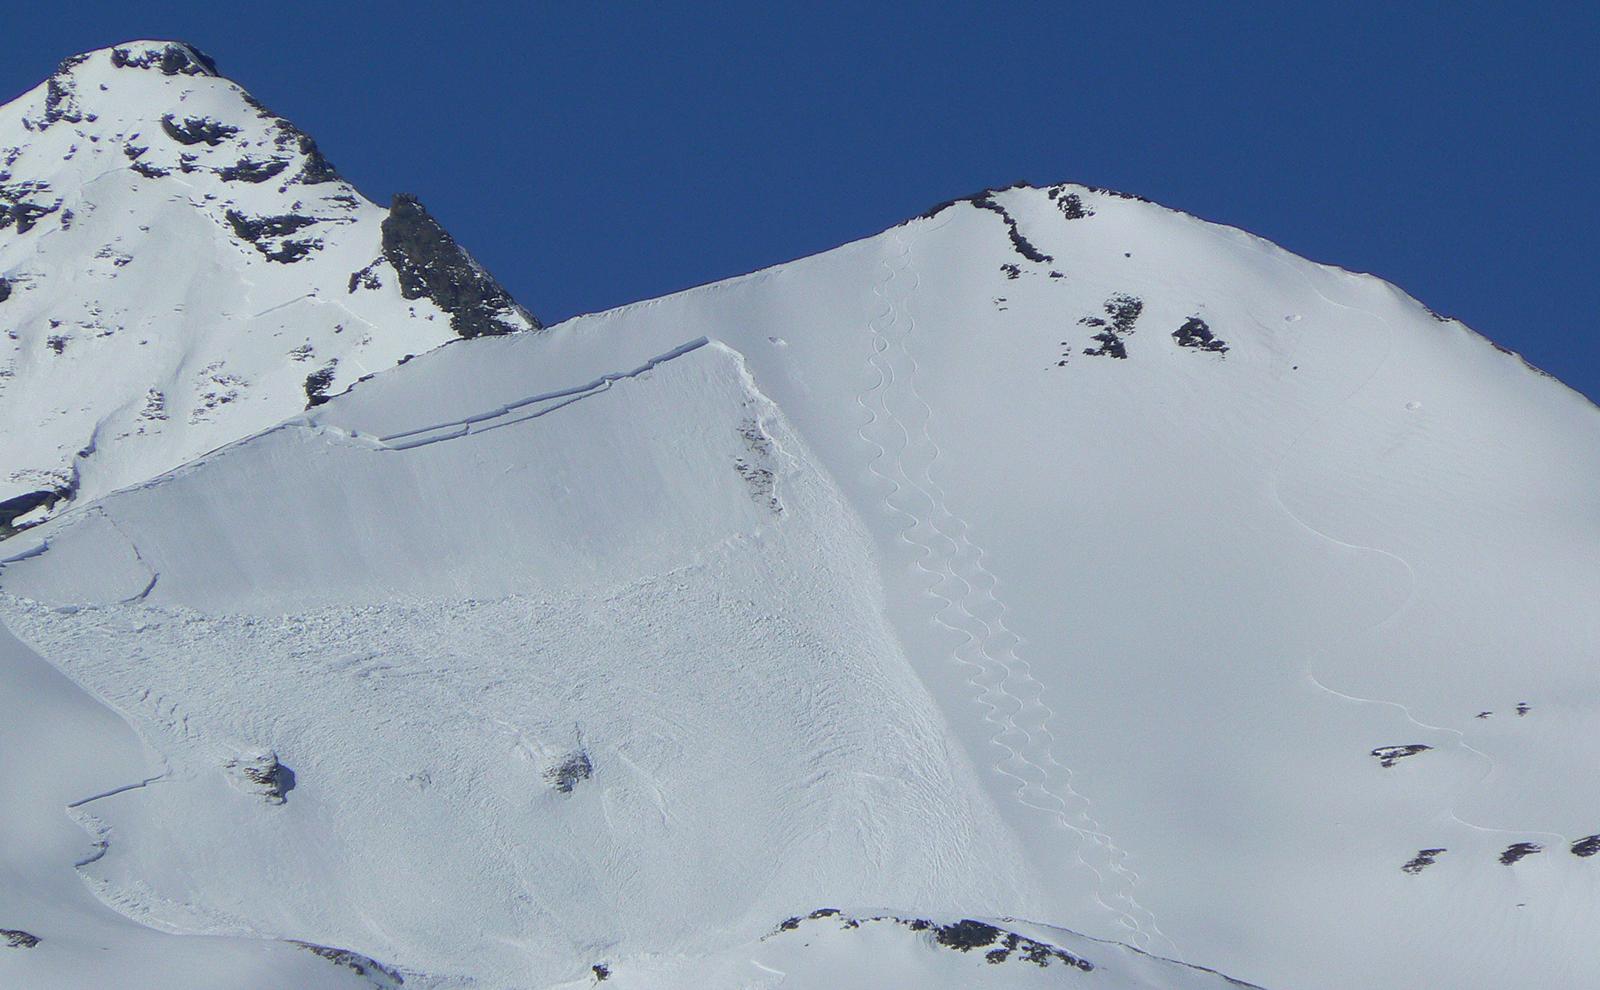 Lawinenhang mit Schneebrettlawine im Skigebiet